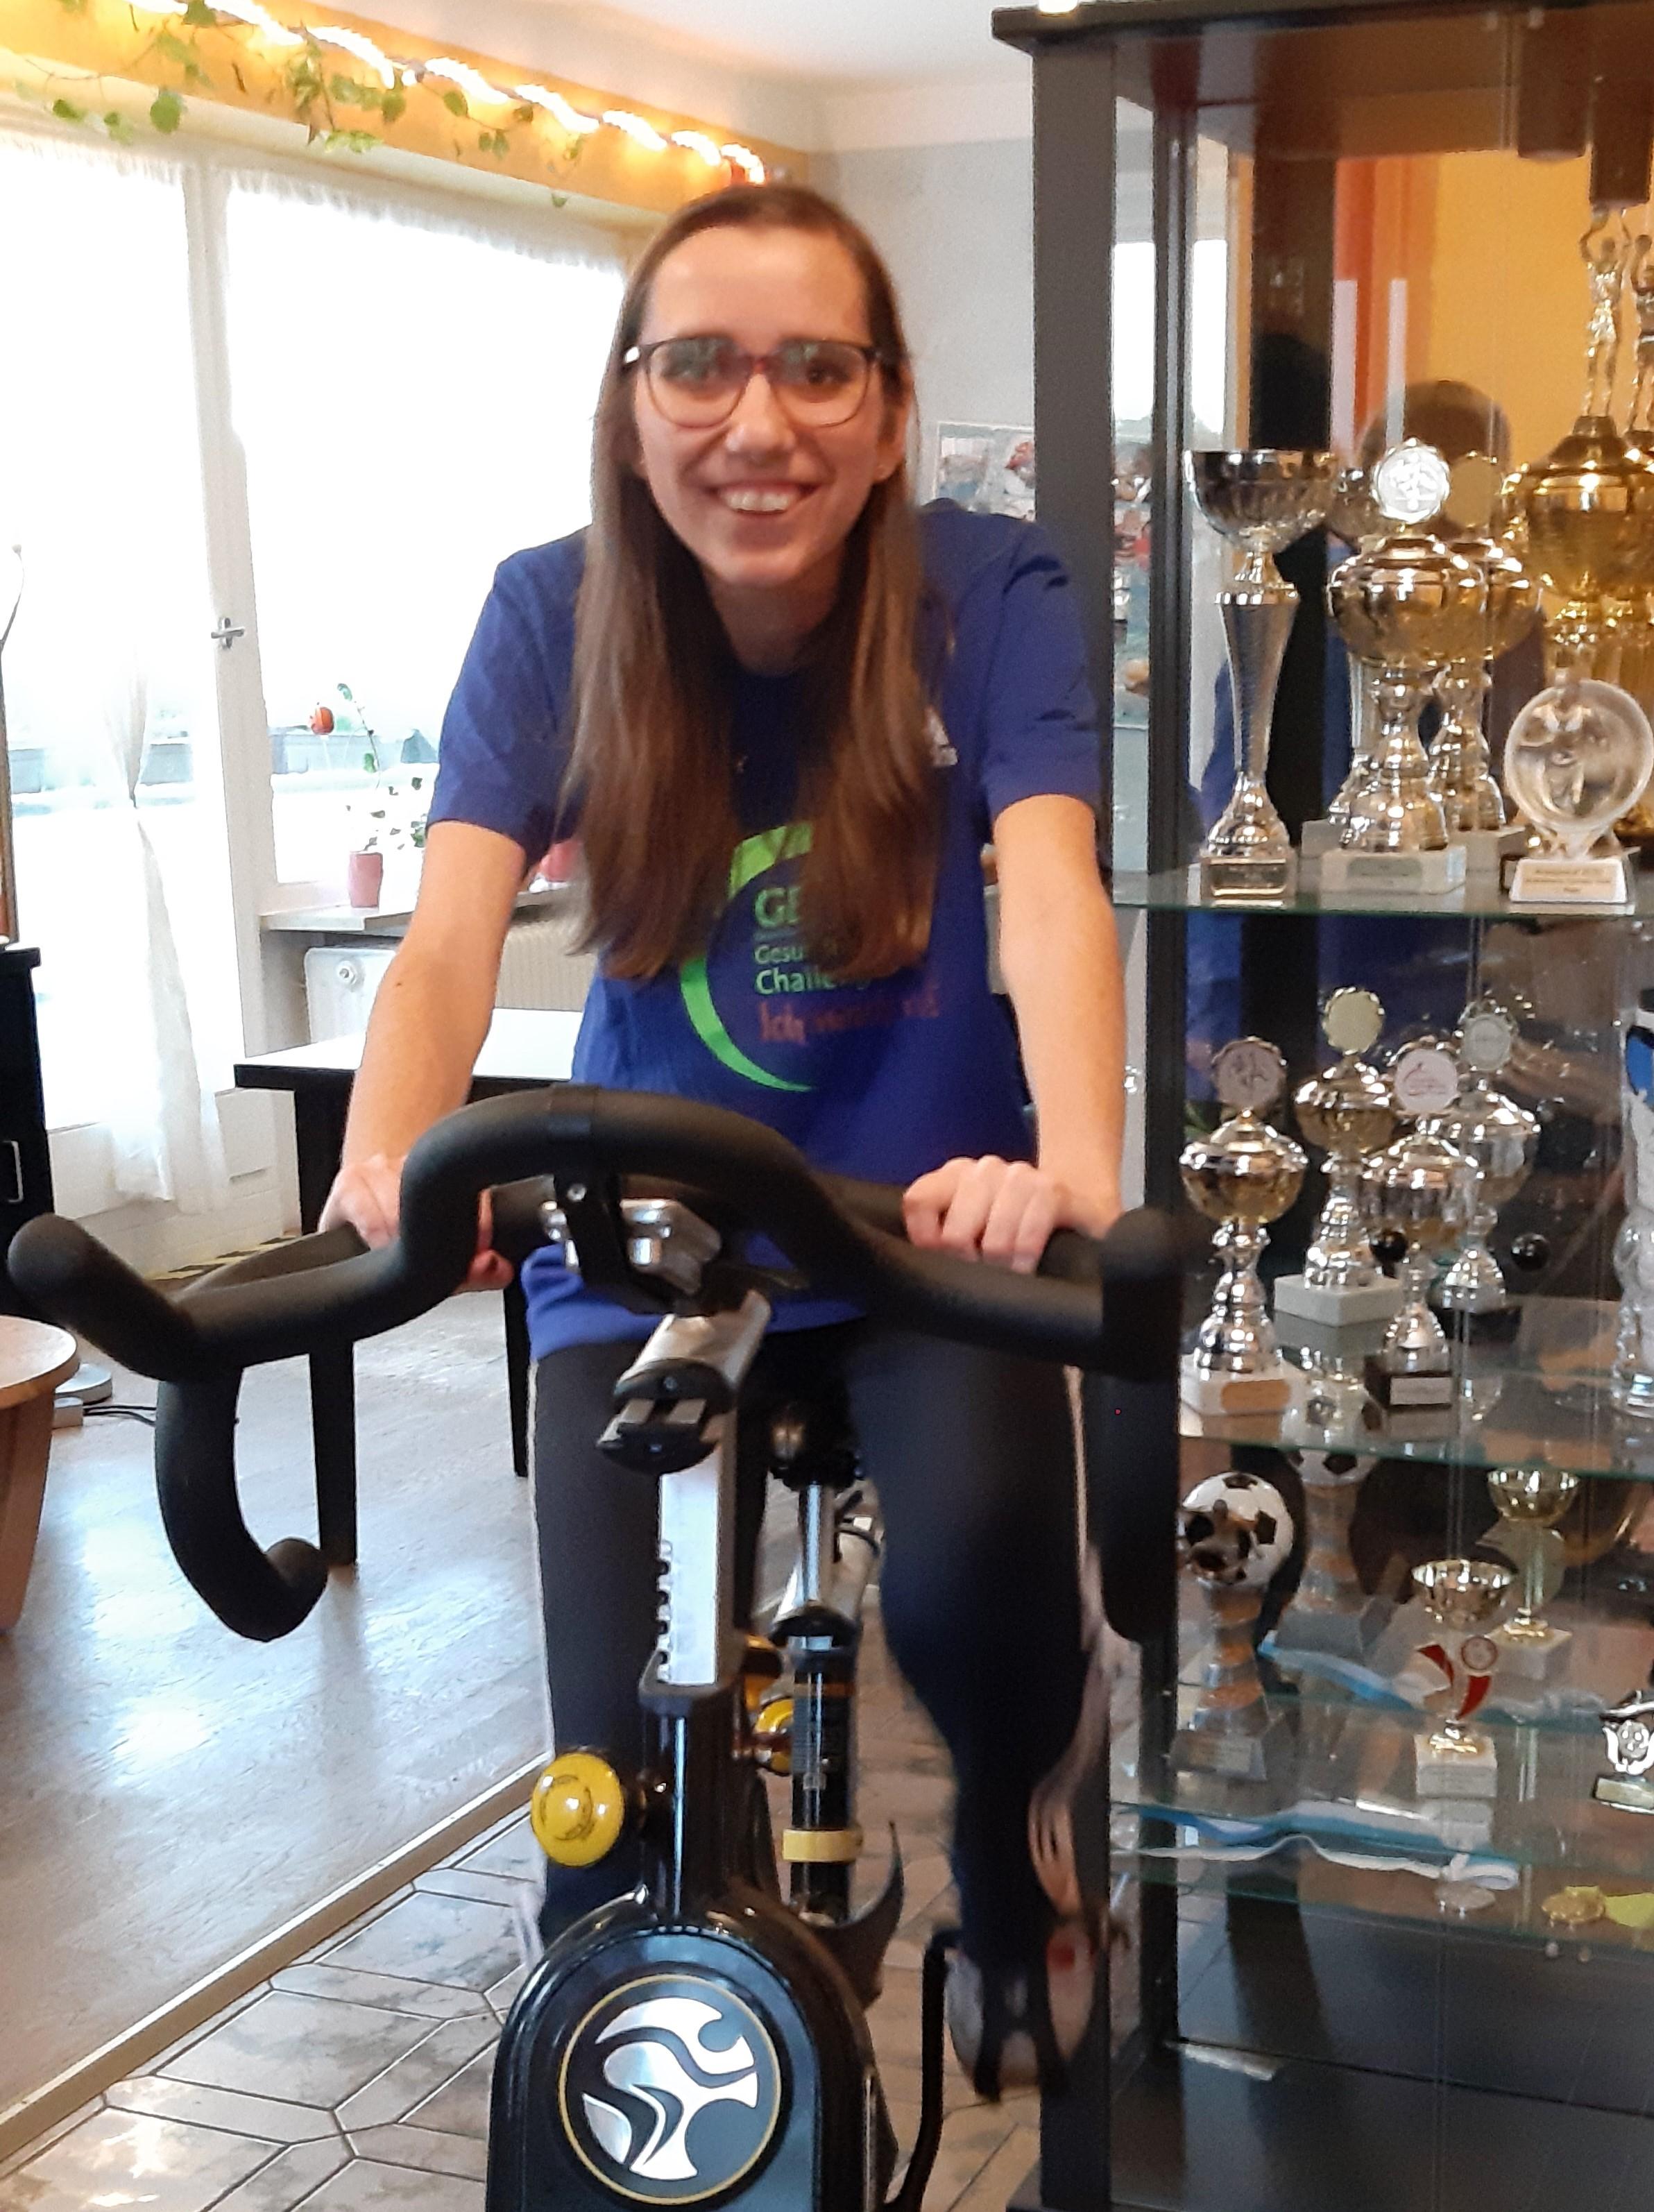 """Bewohnerin Simone beim Radeln: """"Ich finde es prima, dass ich meine Bewegungs-Erfolge weitermelden kann."""""""